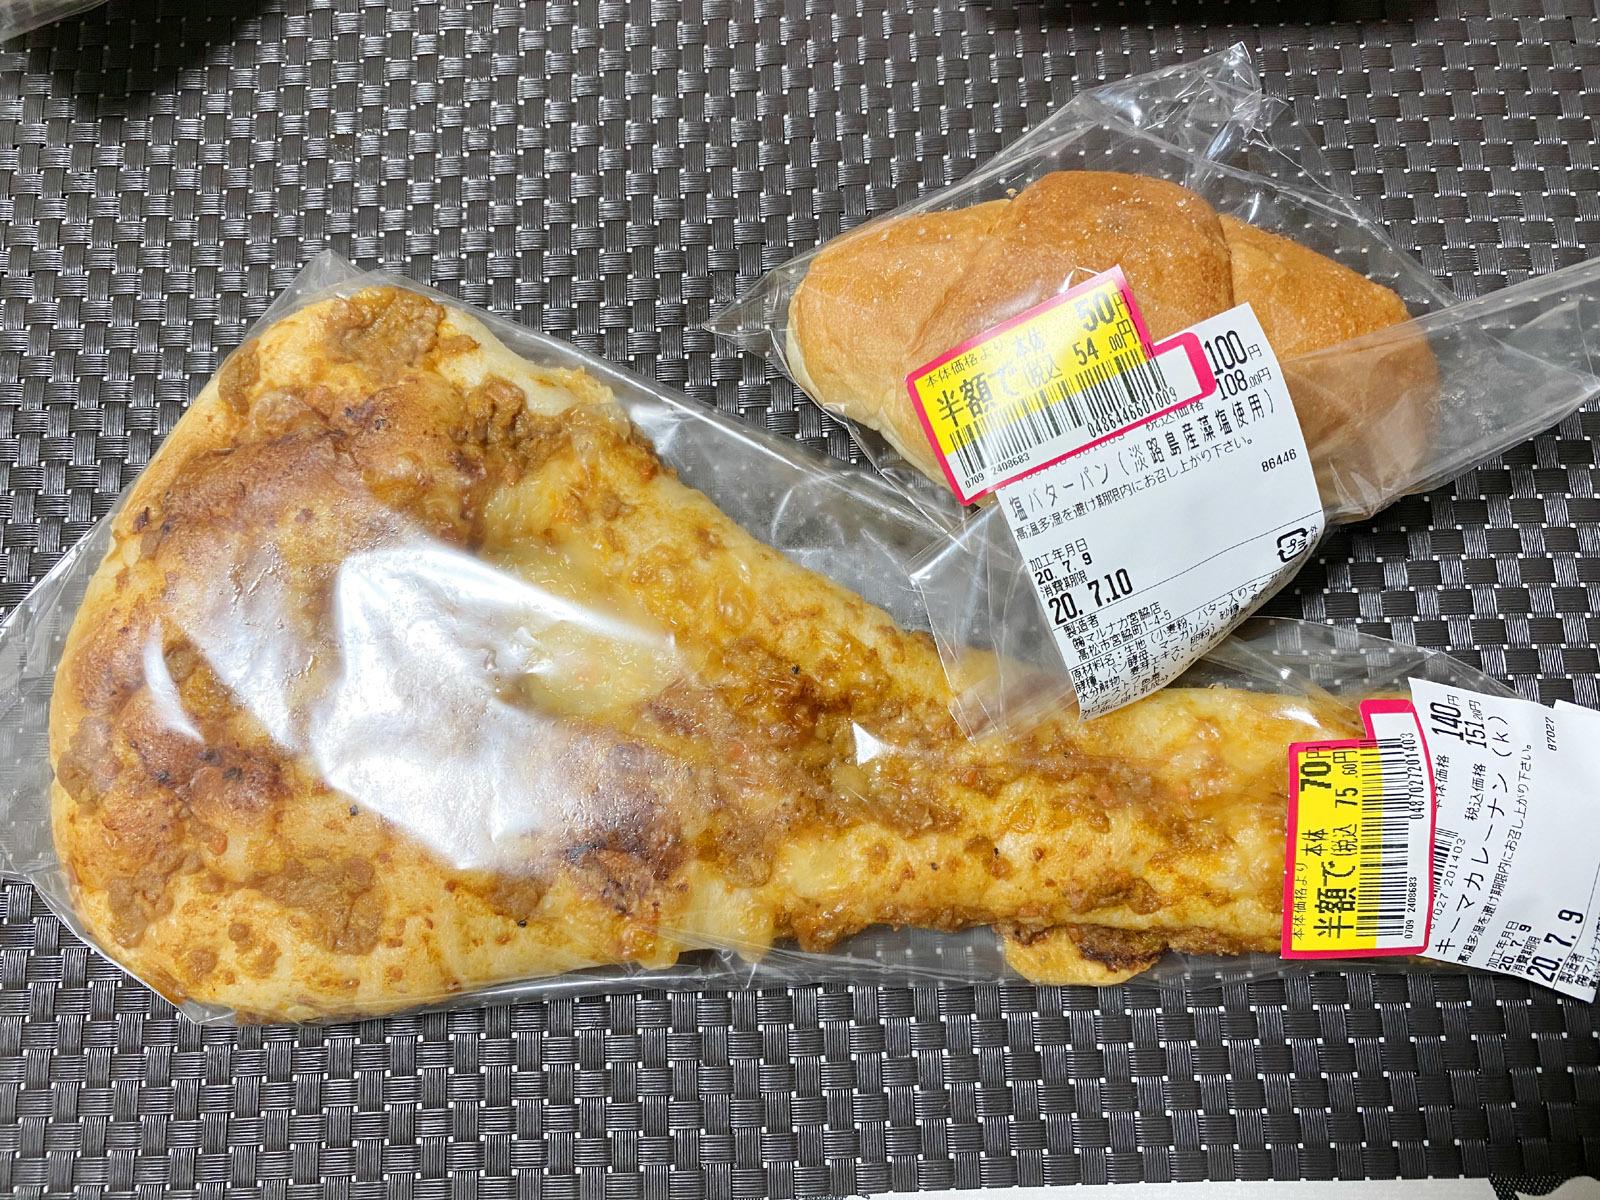 キーマカレーナン140円+税(半額70円+税)、塩バターパン 100+税(半額50円+税)